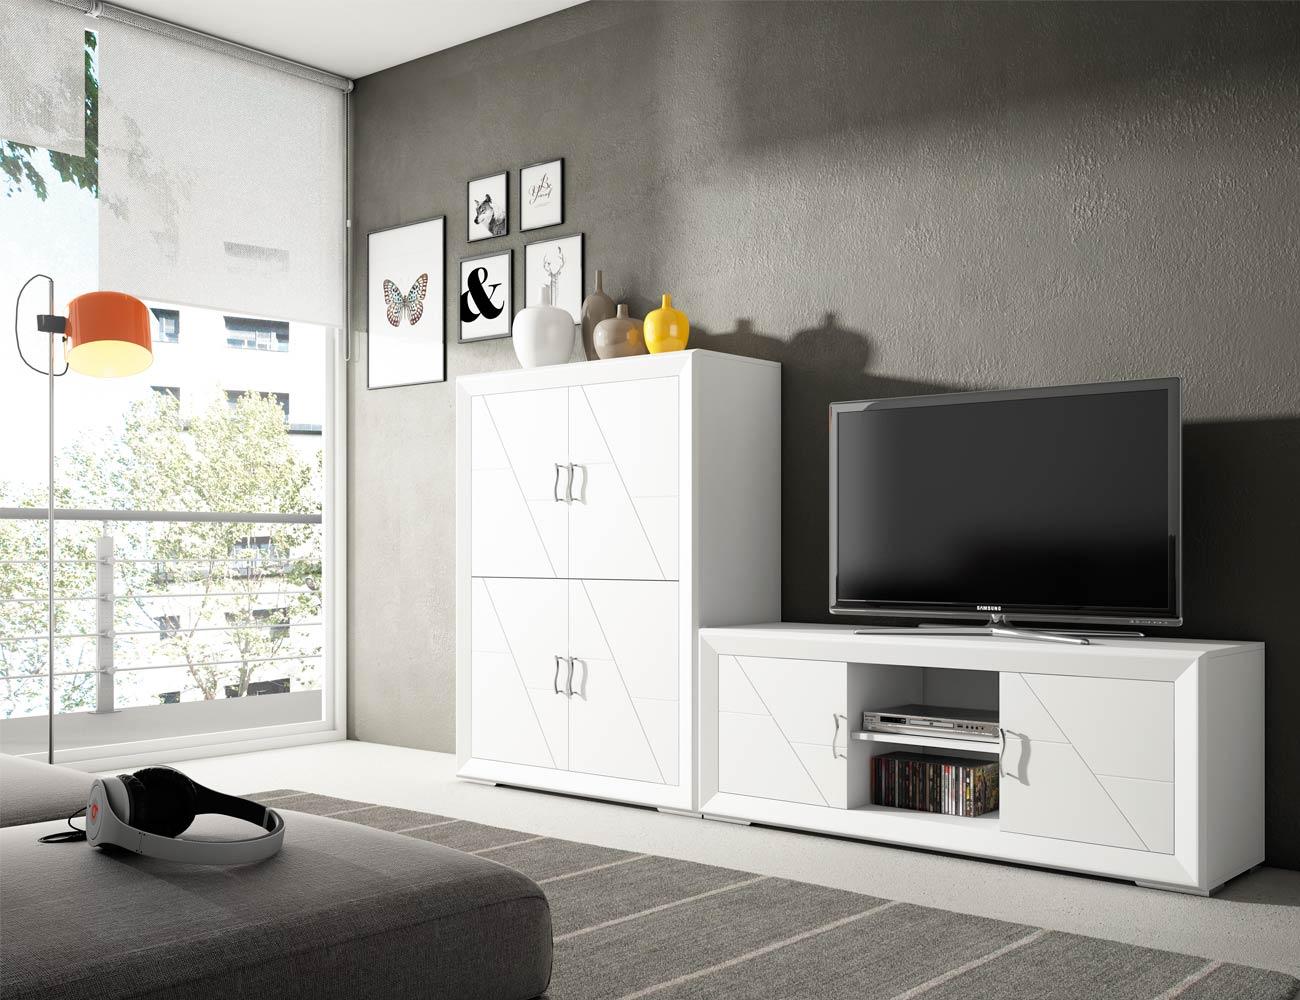 Mueble vitrina 2 puertas en madera en color blanco lacado - Muebles salon blanco y madera ...